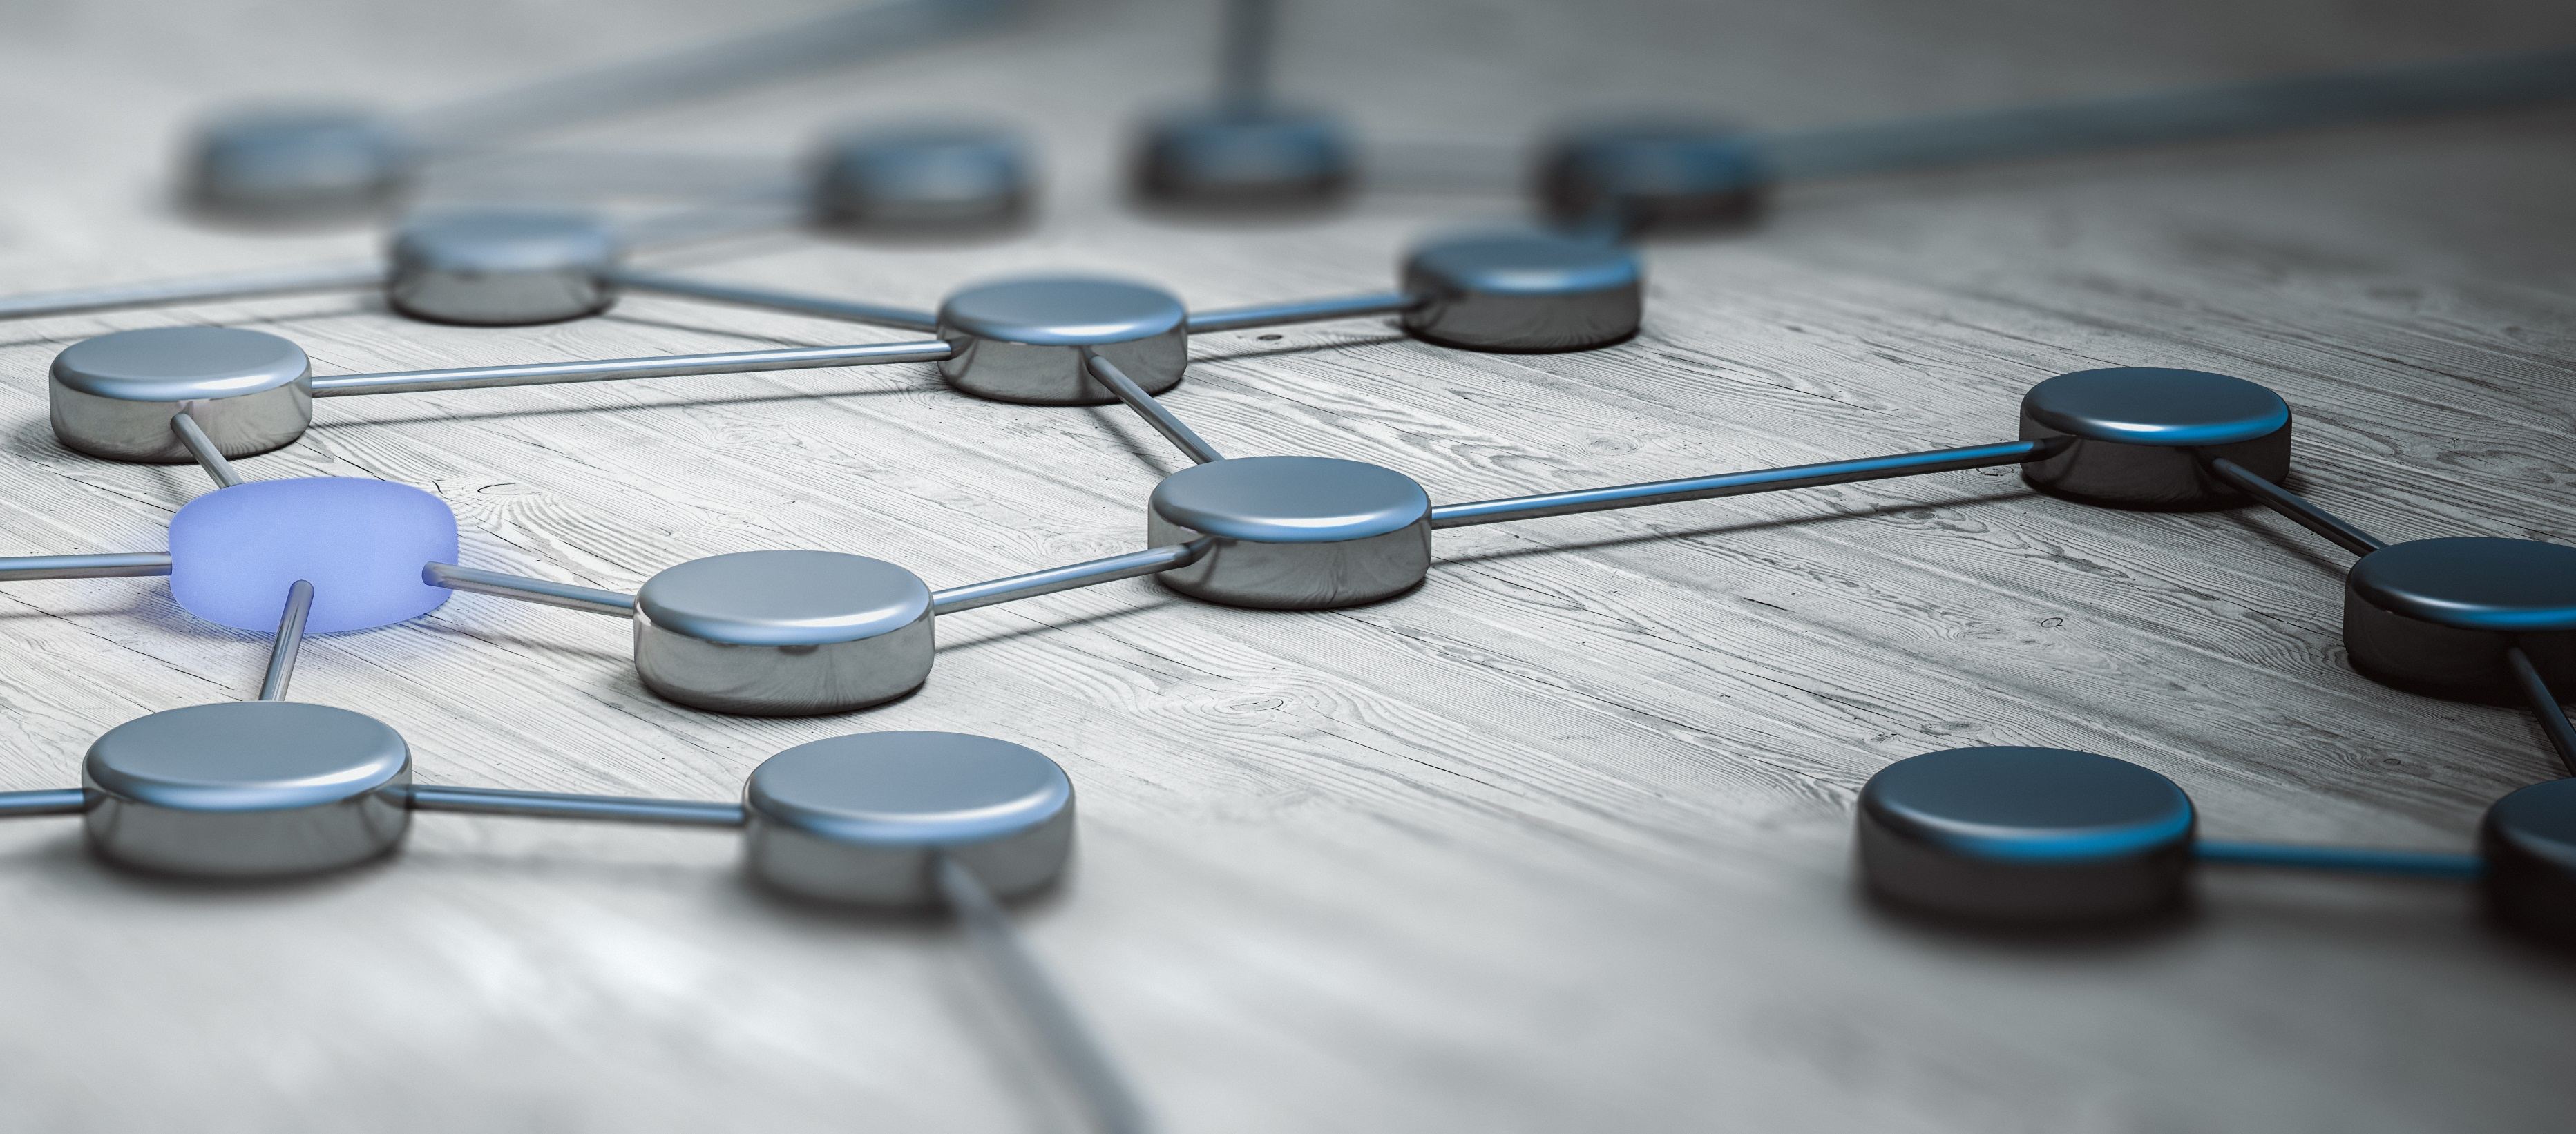 Das Zusammenspiel bzw. die Integration von System, Prozessen und Organisation ist die Voraussetzung für eine erfolgreiche Systemeinführung